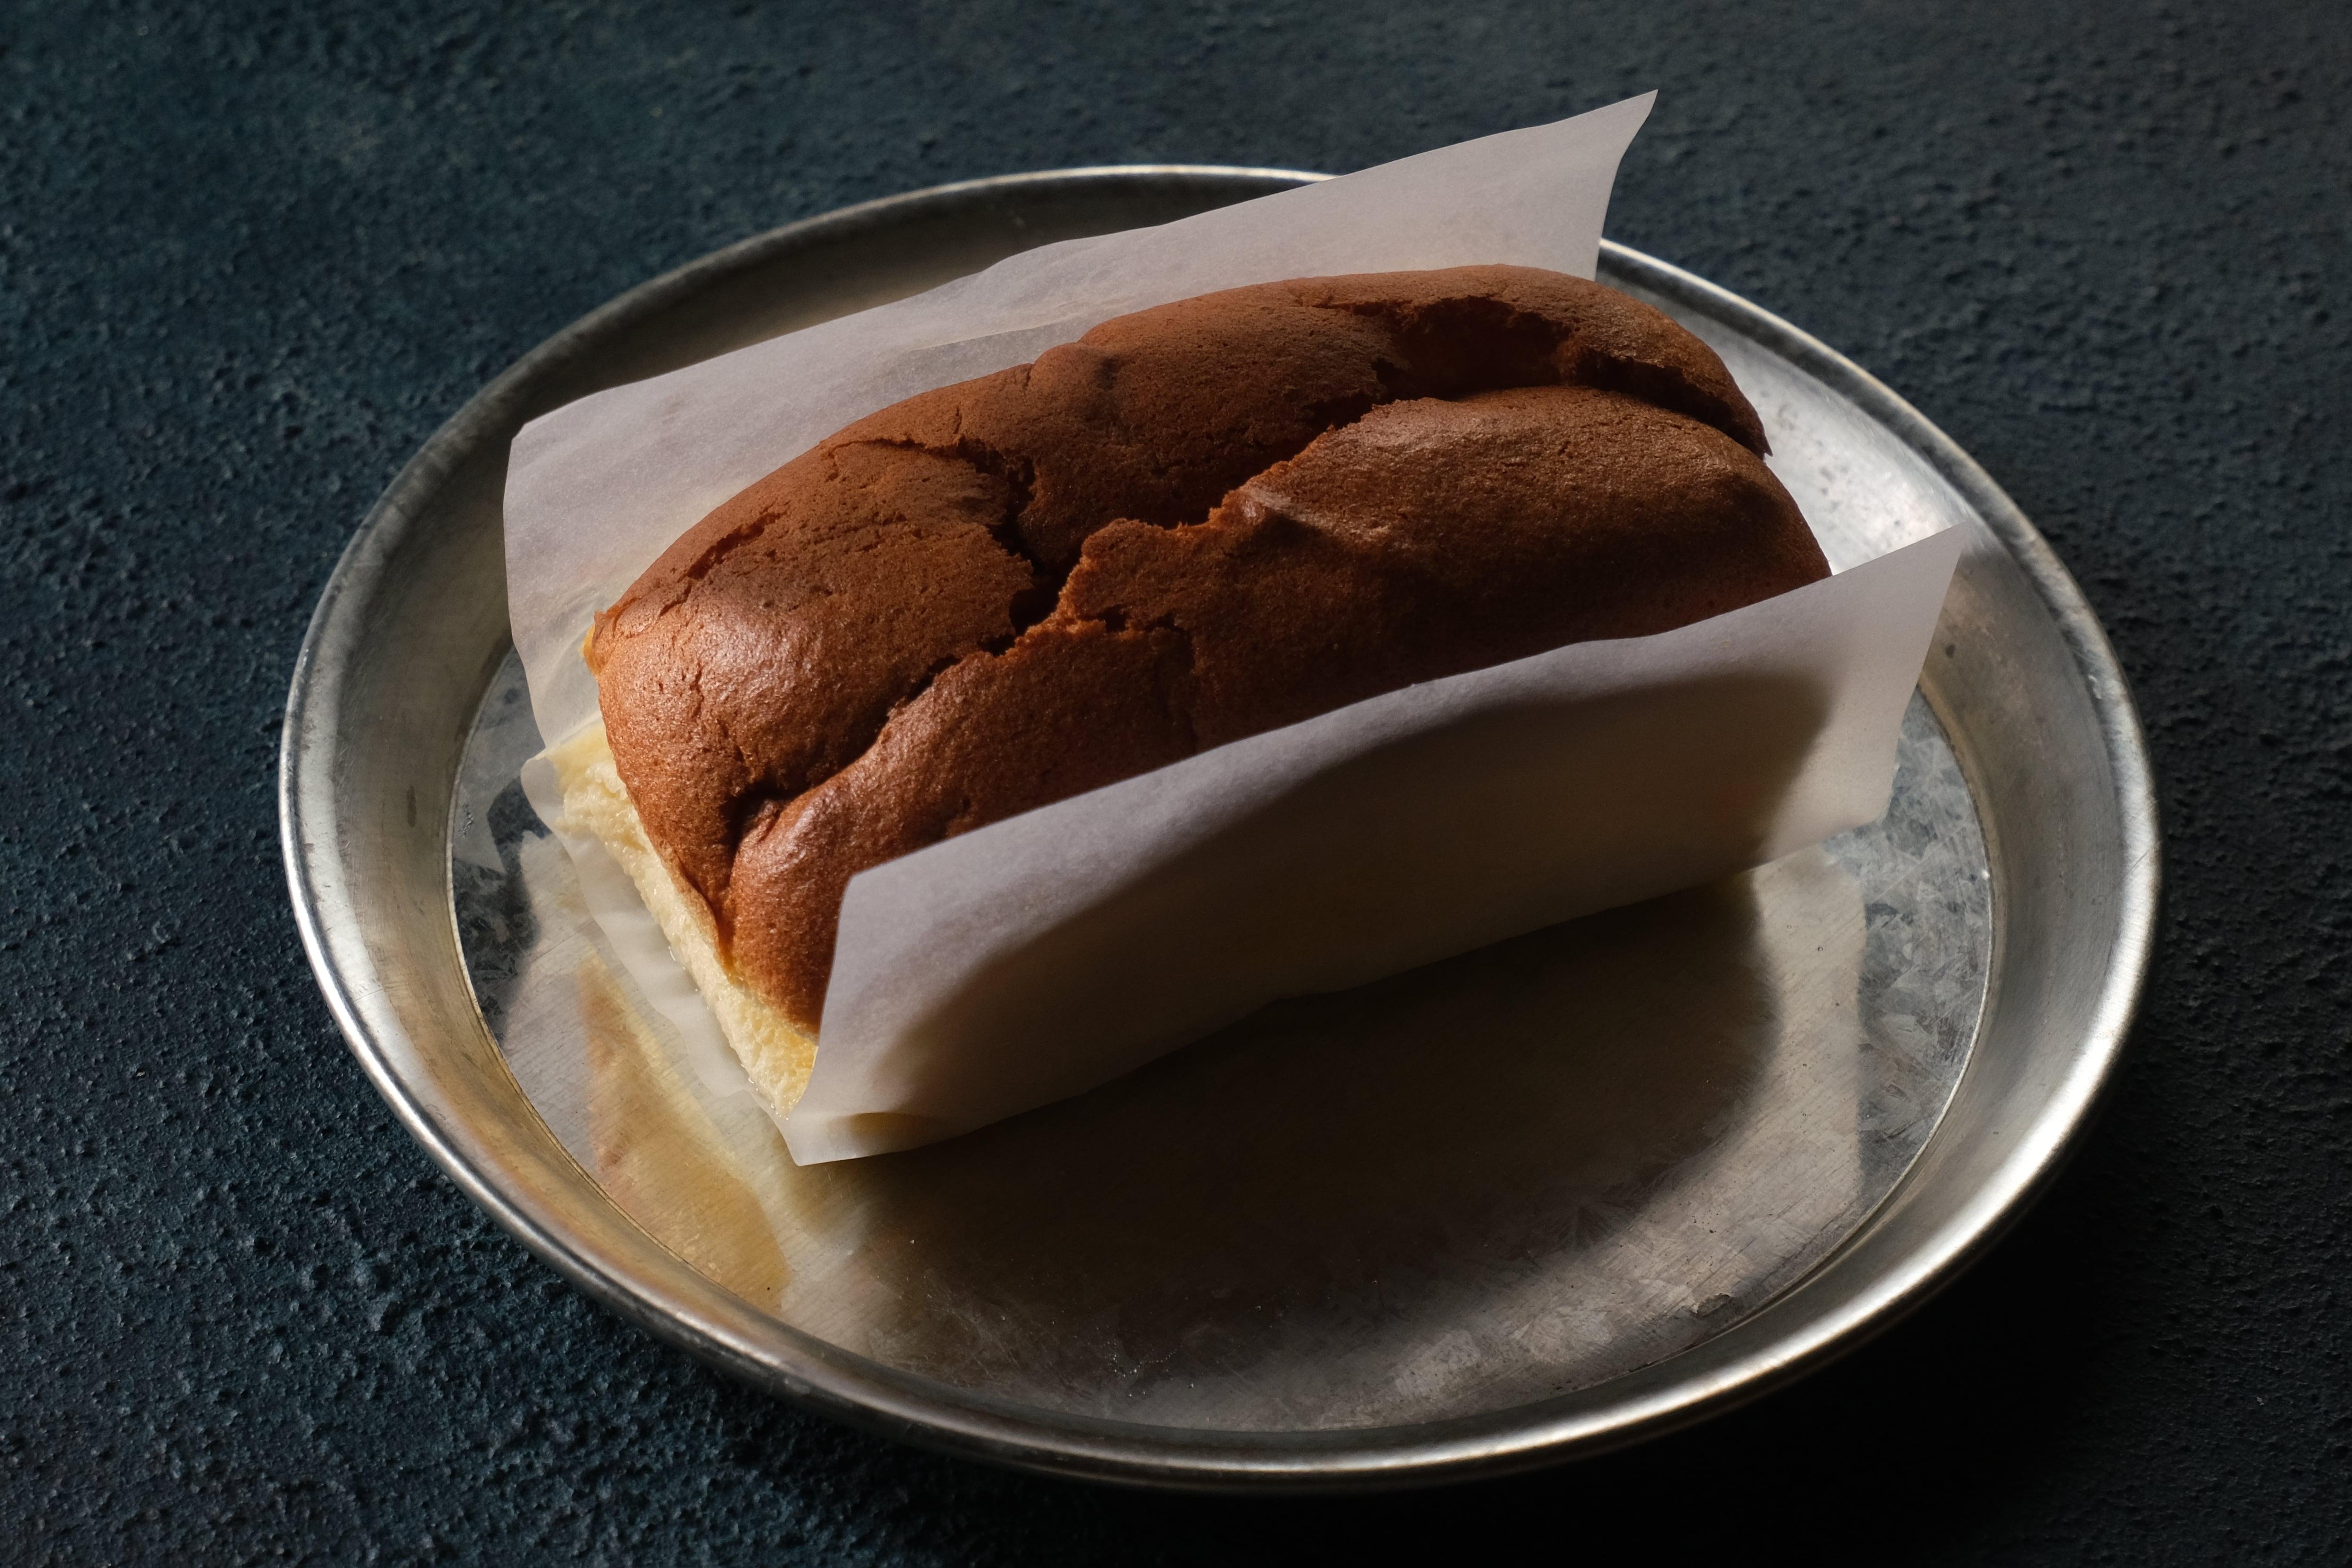 冷やして食べるバターケーキ(ハーフサイズ)